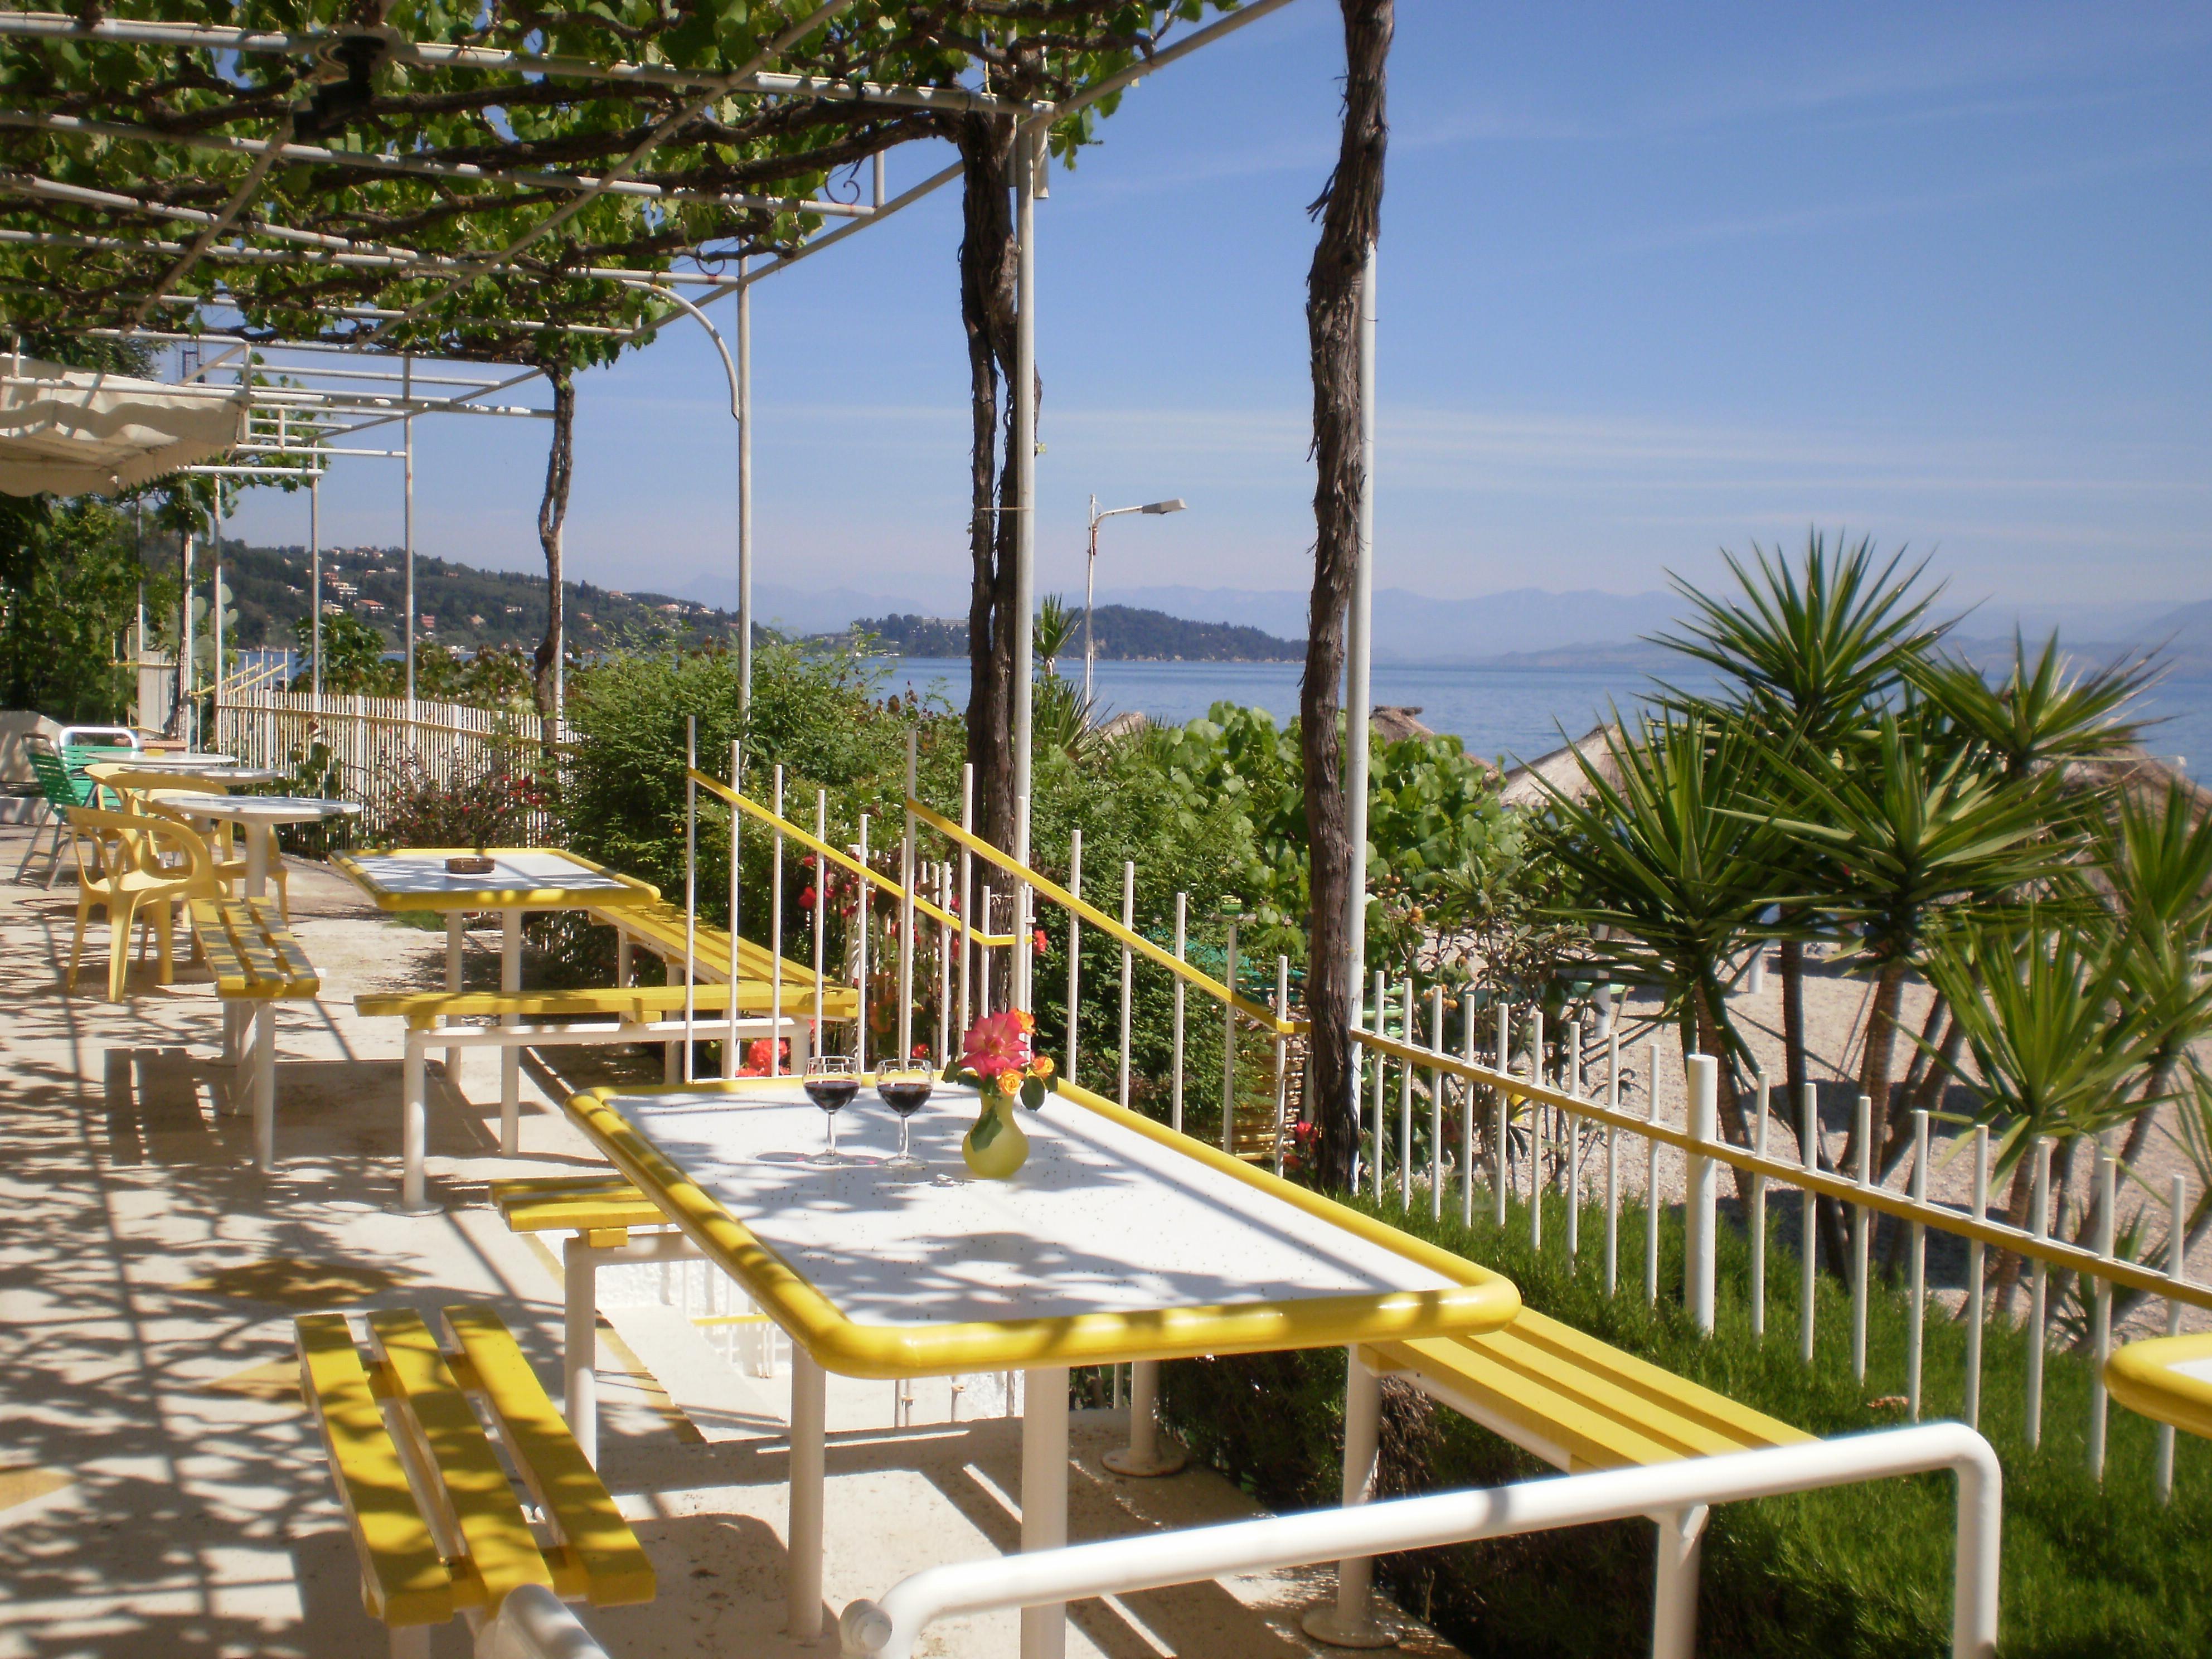 Maison de vacances Entspannte Ferien ein paar Schritte vom Meer entfernt und mit einem Gefhl der Privatsphre (2378713), Moraitika, Corfou, Iles Ioniennes, Grèce, image 23